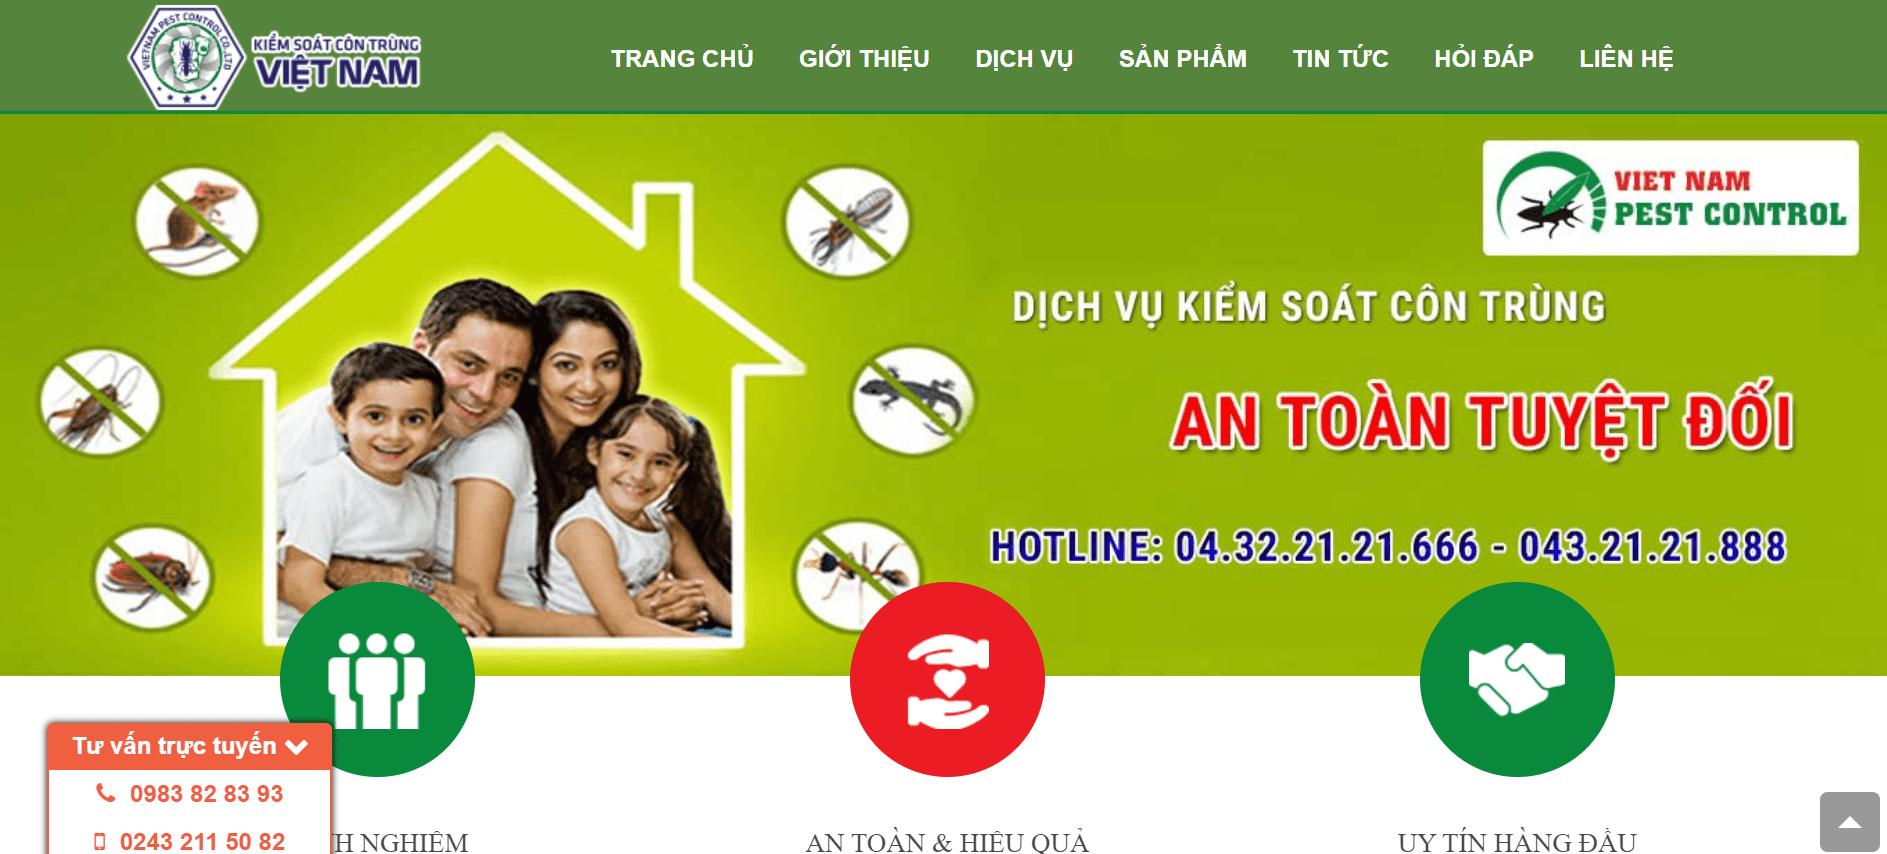 Dịch vụ diệt chuột Hà Nội